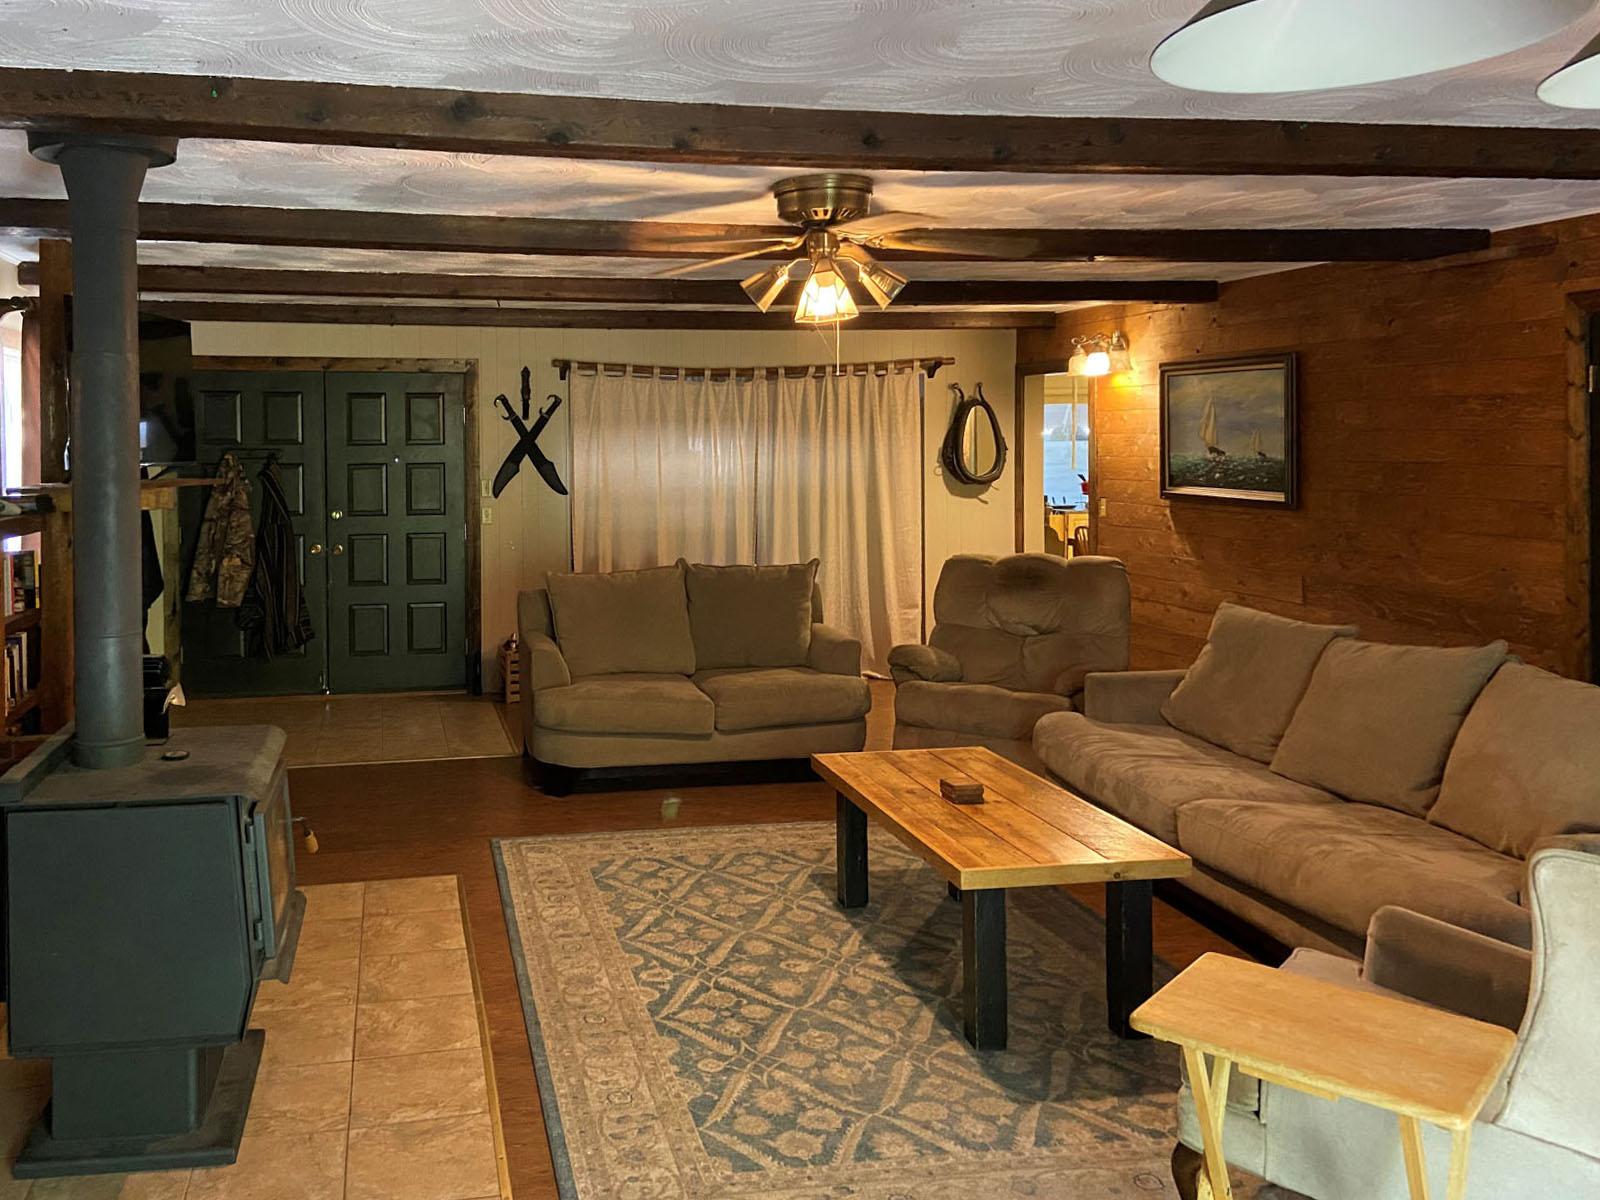 Echo lake resort 75